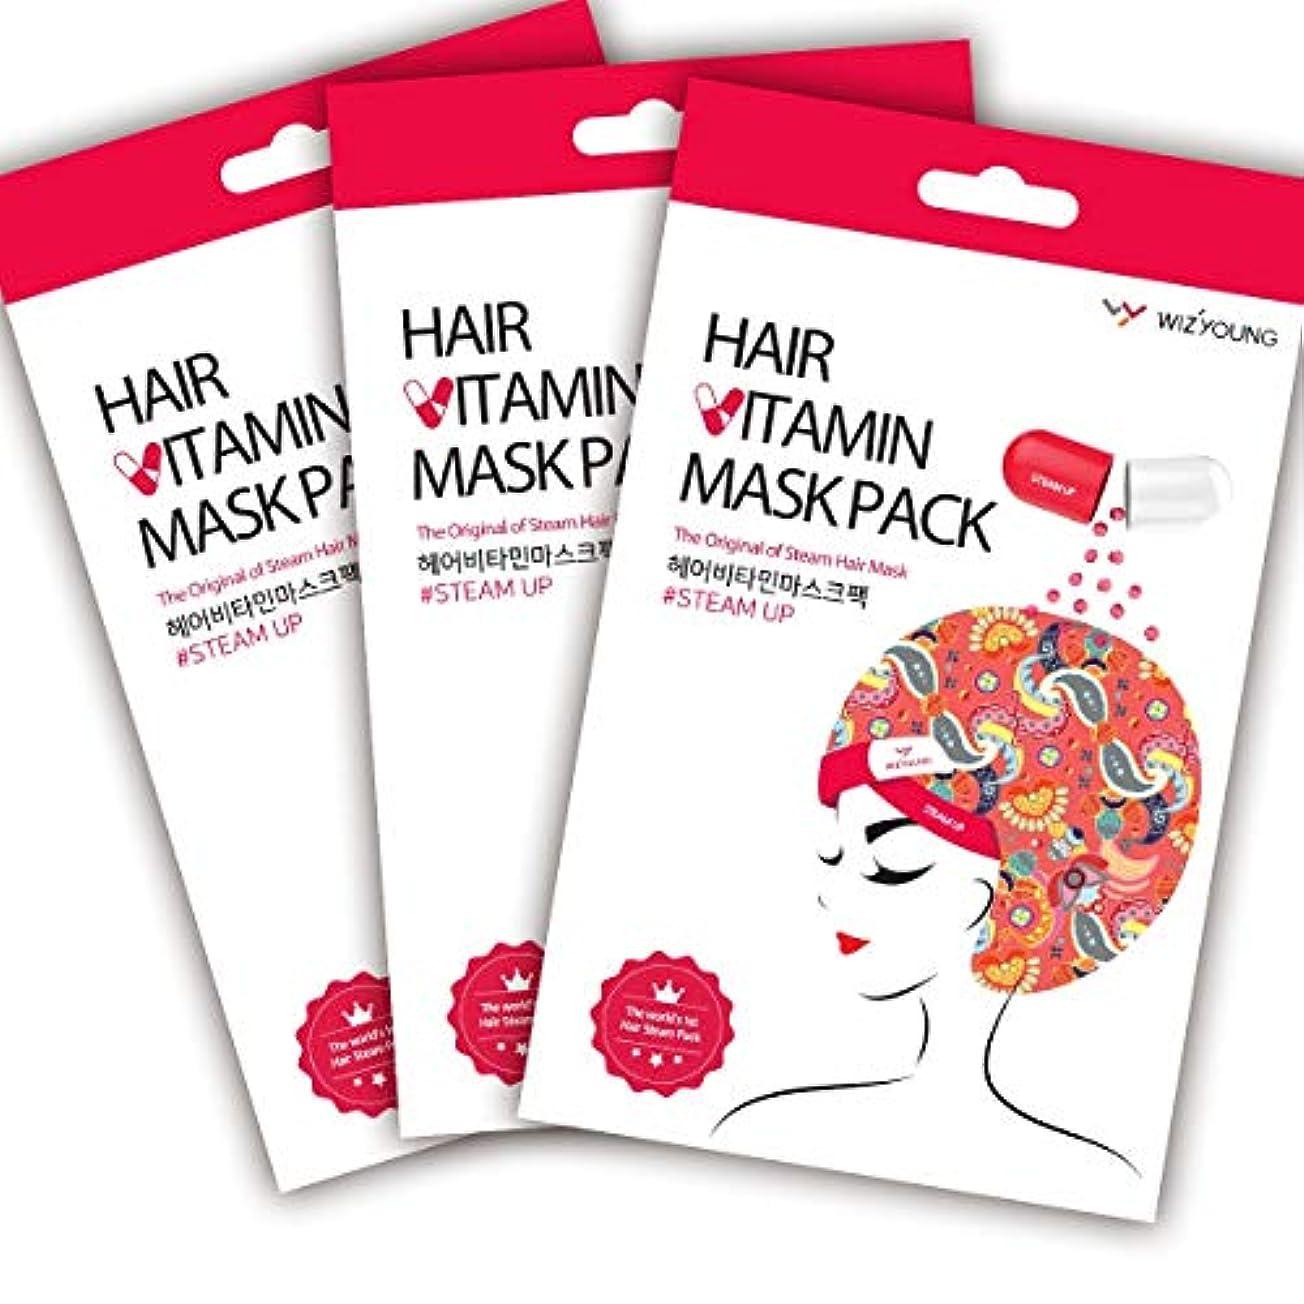 気球コールド拡張ヘアビタミンマスクパック スチームアップ 3パックセット HAIR VITAMIN MASK PACK STEAM UP